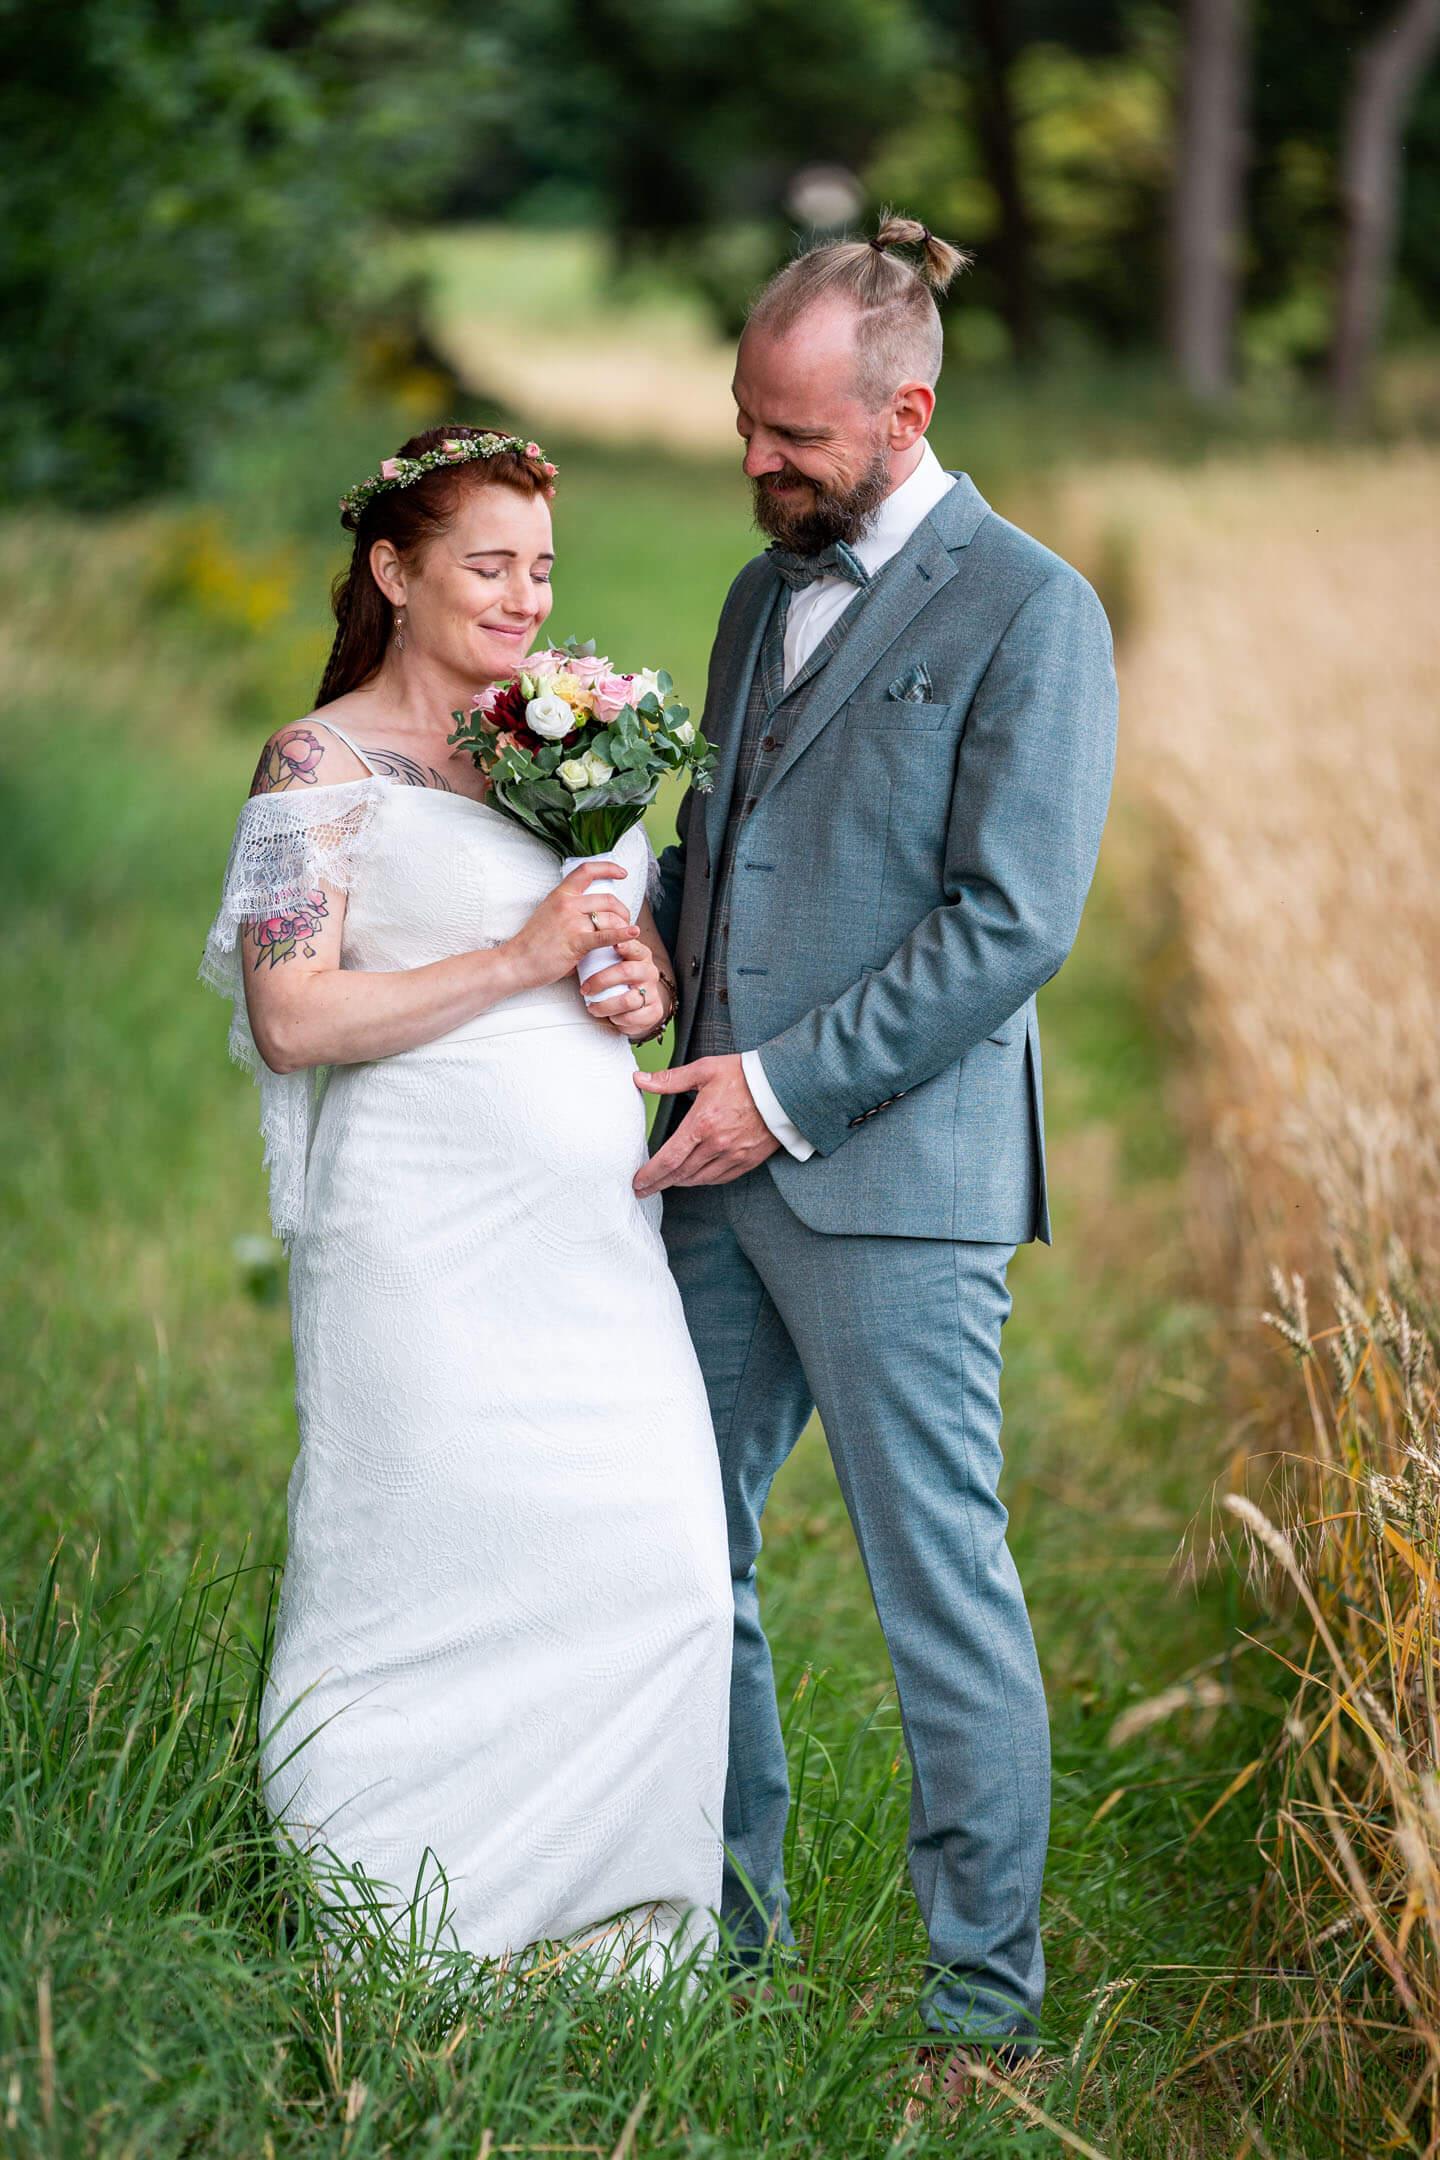 Natürliche Hochzeitsfotos entstehen in der Natur!